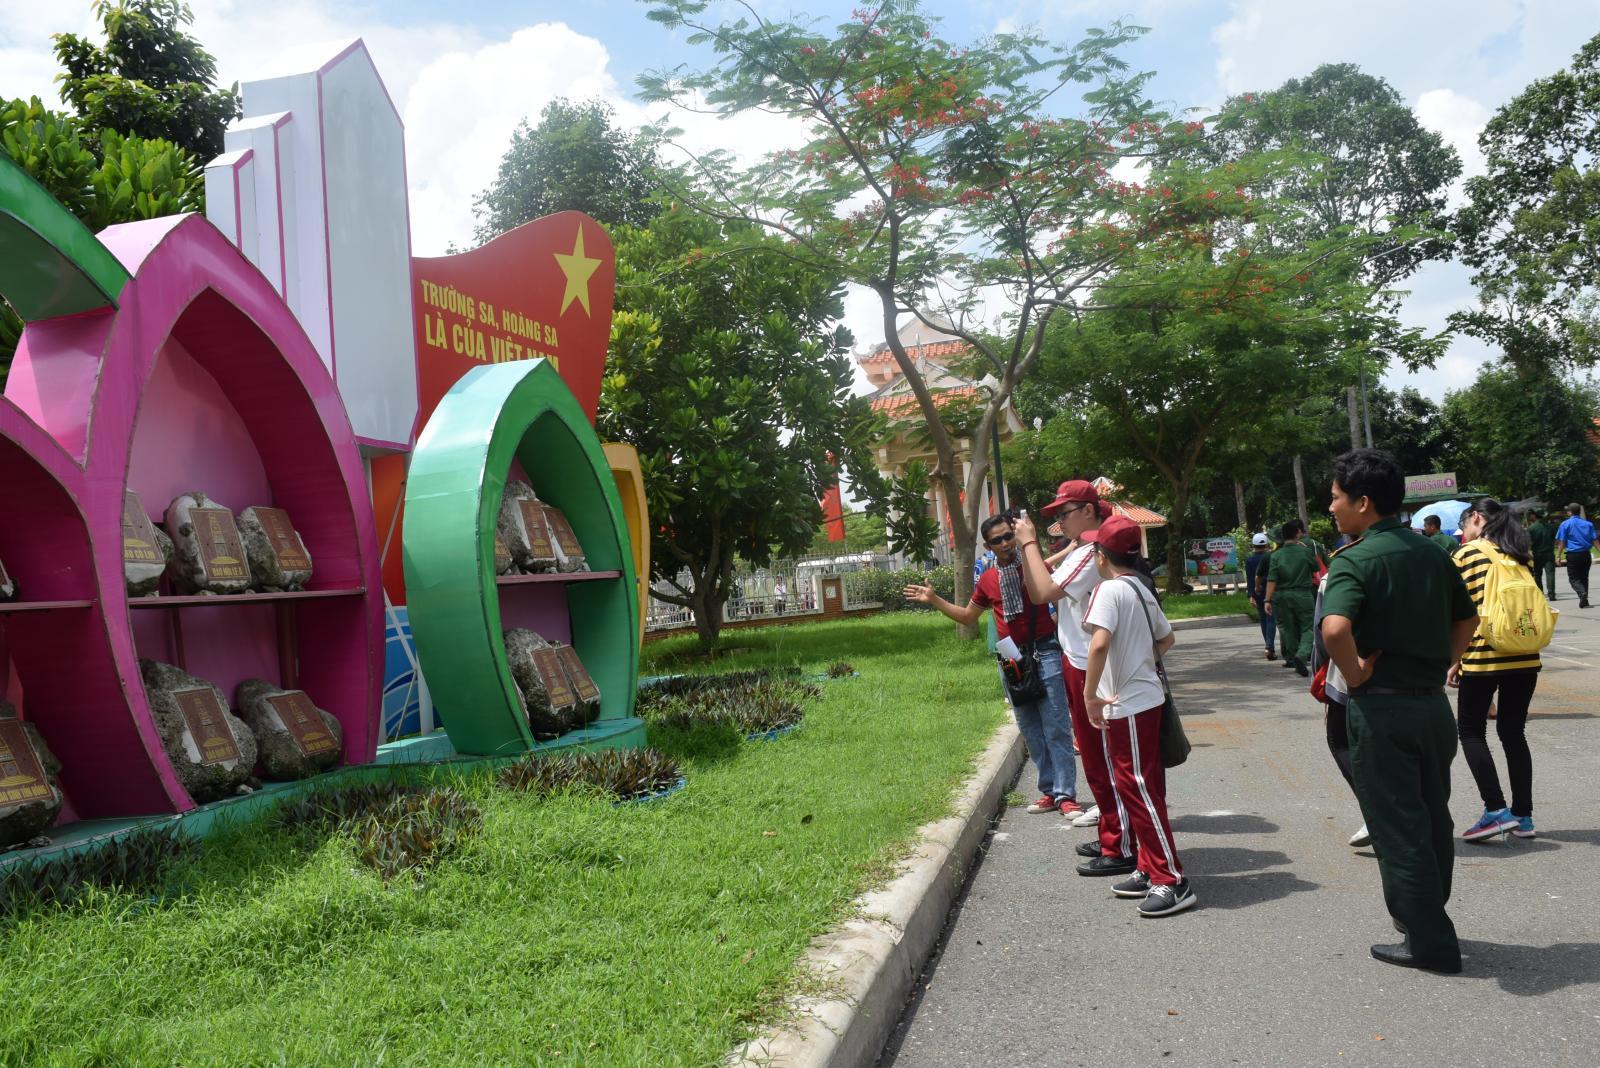 Nhộn nhịp các đoàn khách tham quan Khu di tích Nguyễn Sinh Sắc nhân dịp kỷ niệm 127 năm ngày sinh Chủ tịch Hồ Chí Minh (19/5/1890 - 19/5/2017)